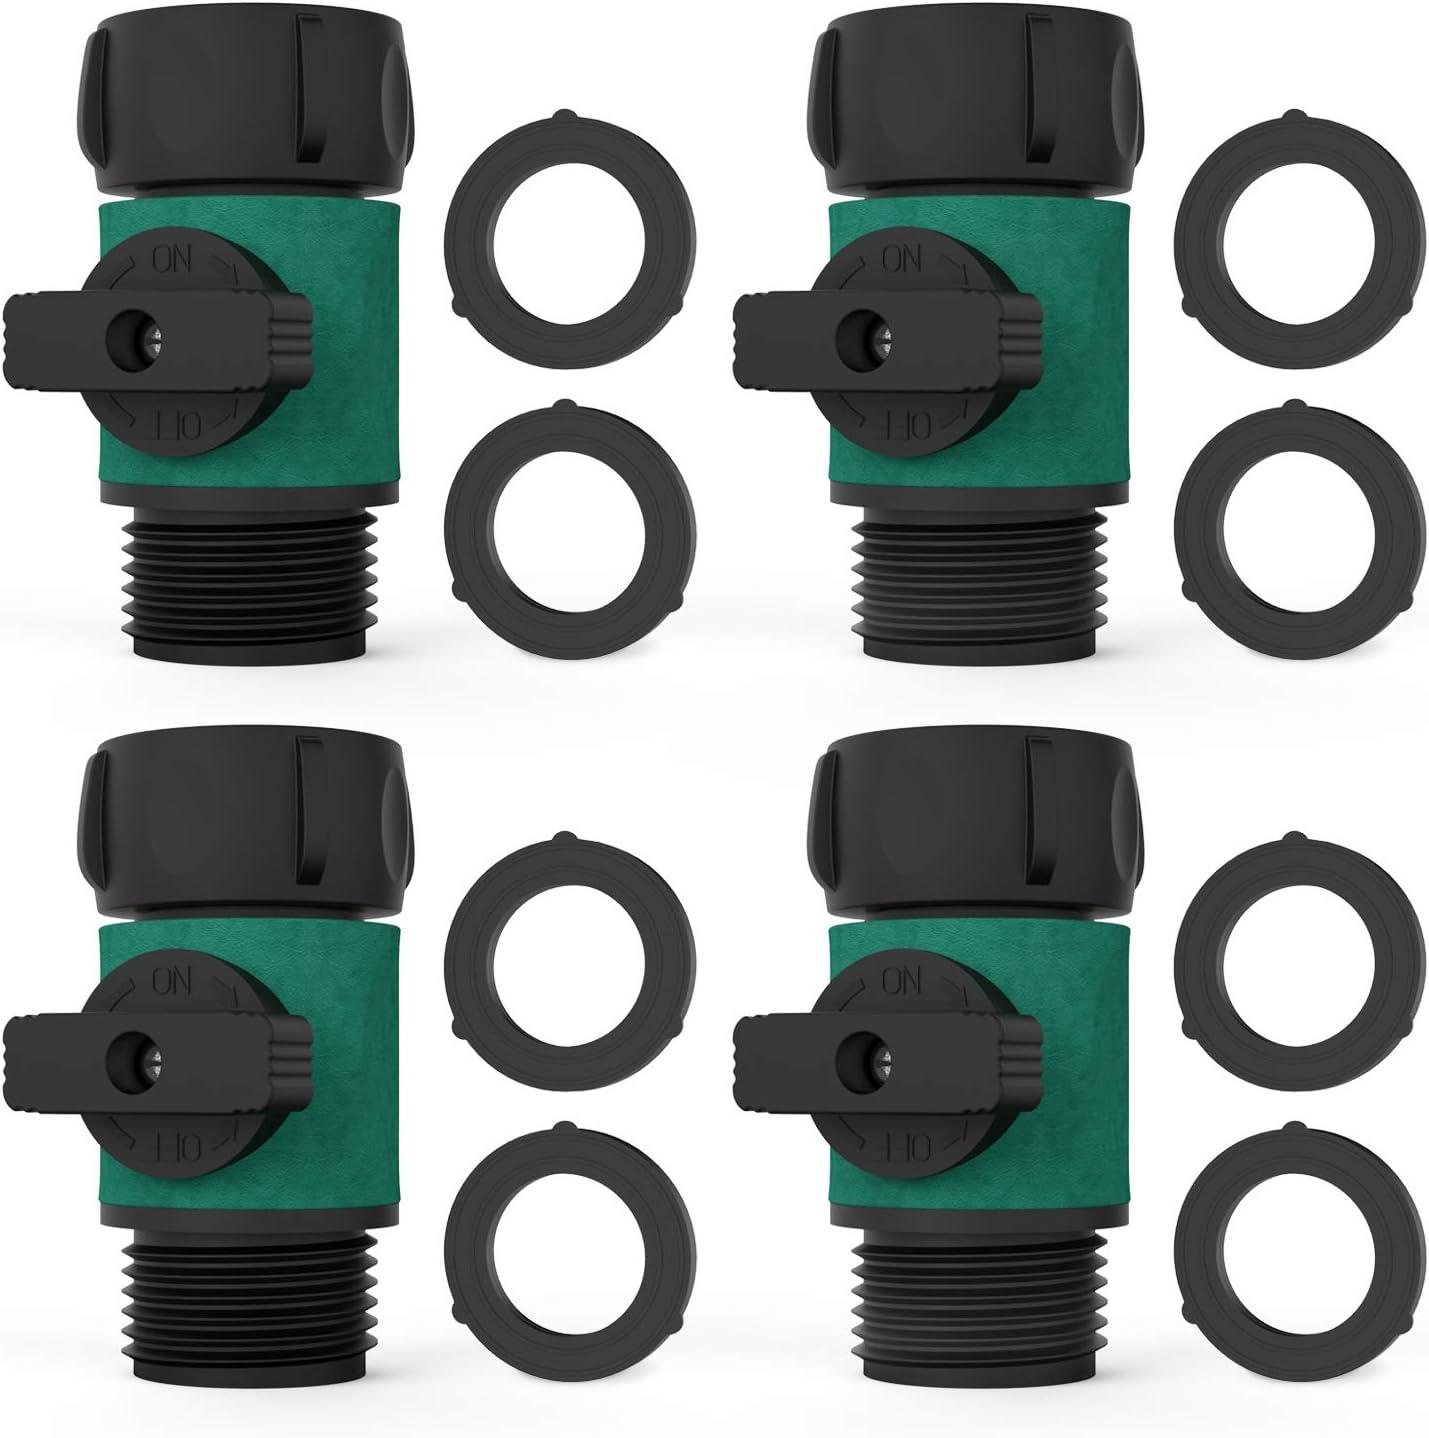 """Asgens Garden Hose Shut Off Valve, Garden Hose Turn Off Valve Garden Hose Connector Set with Rubber Washers 8 Pc+ Valve 4 Pc, Standard 3/4"""" Thread"""